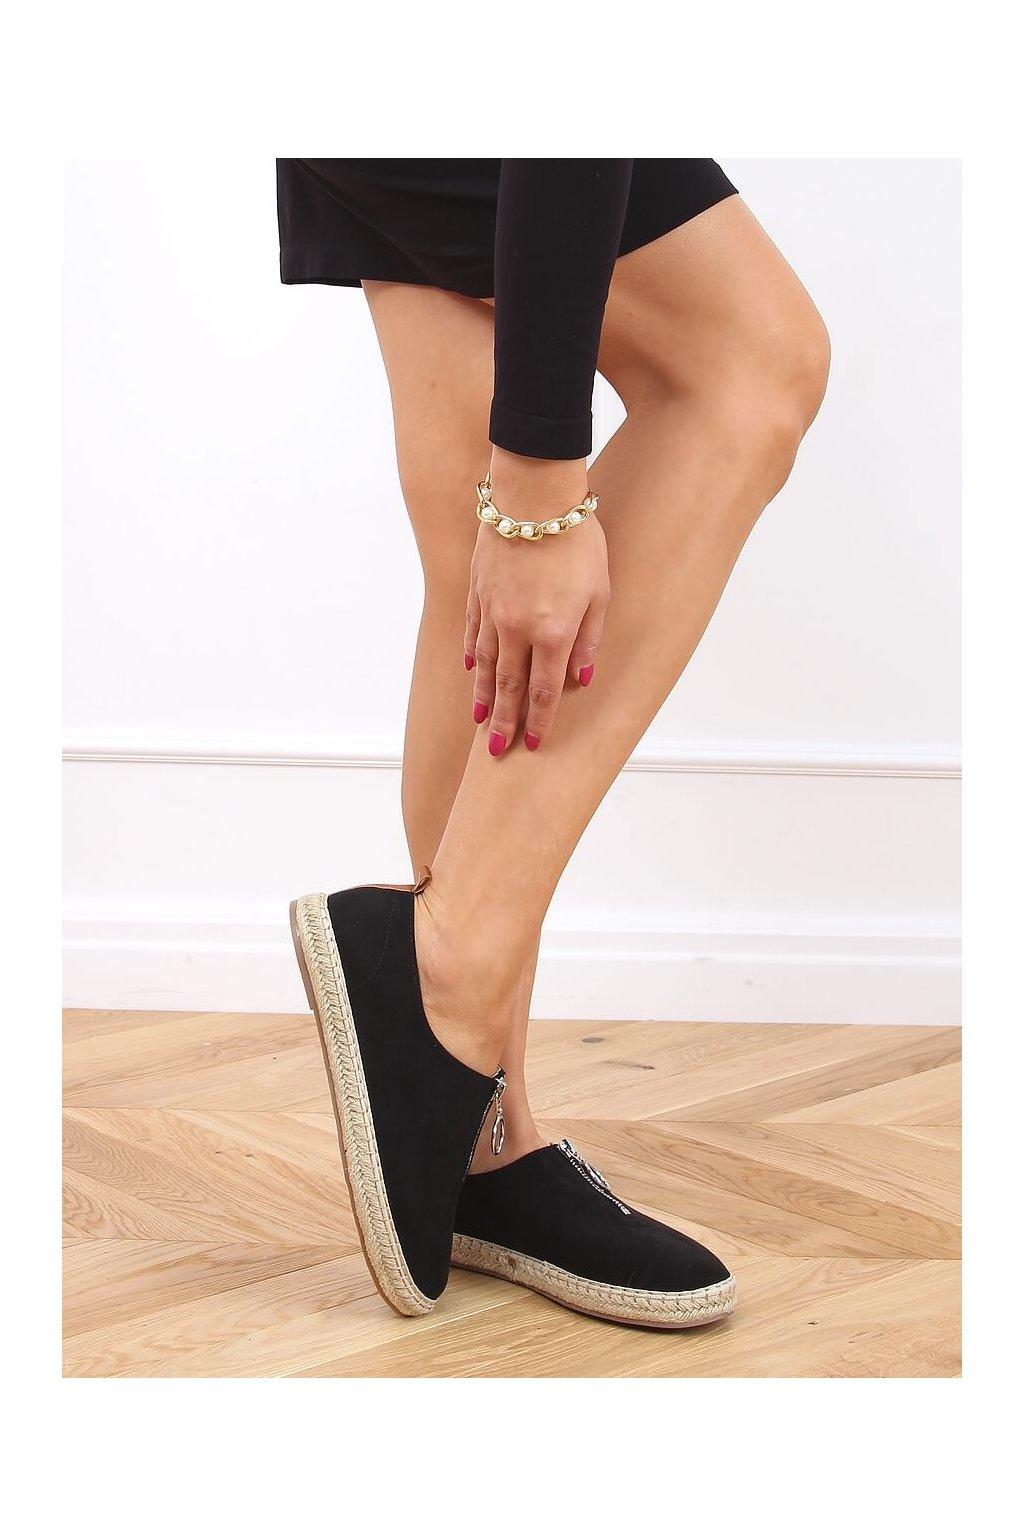 Dámske sandále čierne na plochom podpätku 77-187